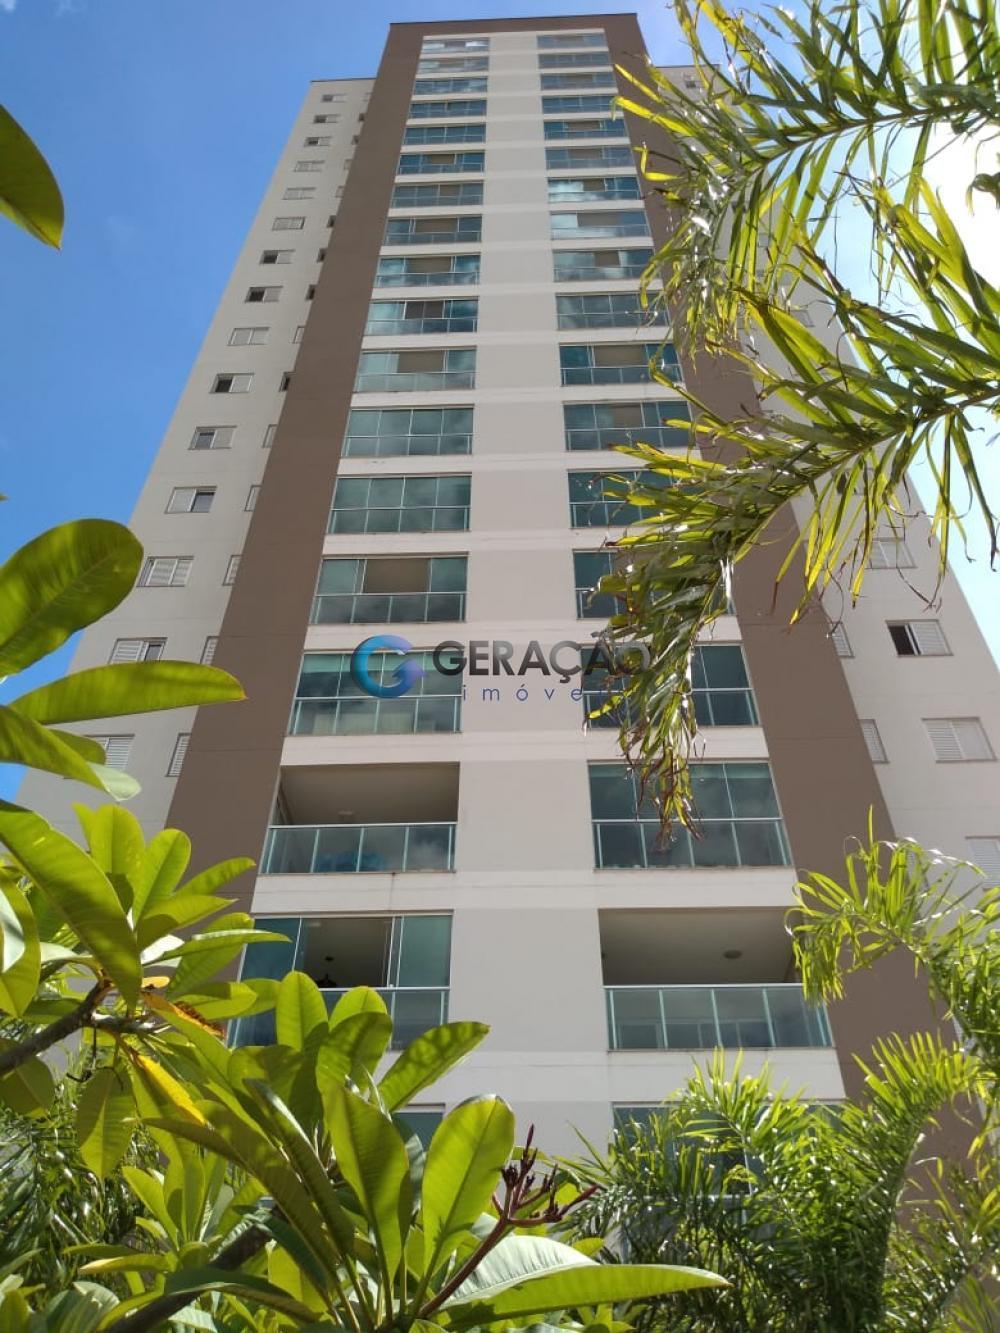 Comprar Apartamento / Padrão em Jacareí R$ 495.000,00 - Foto 1